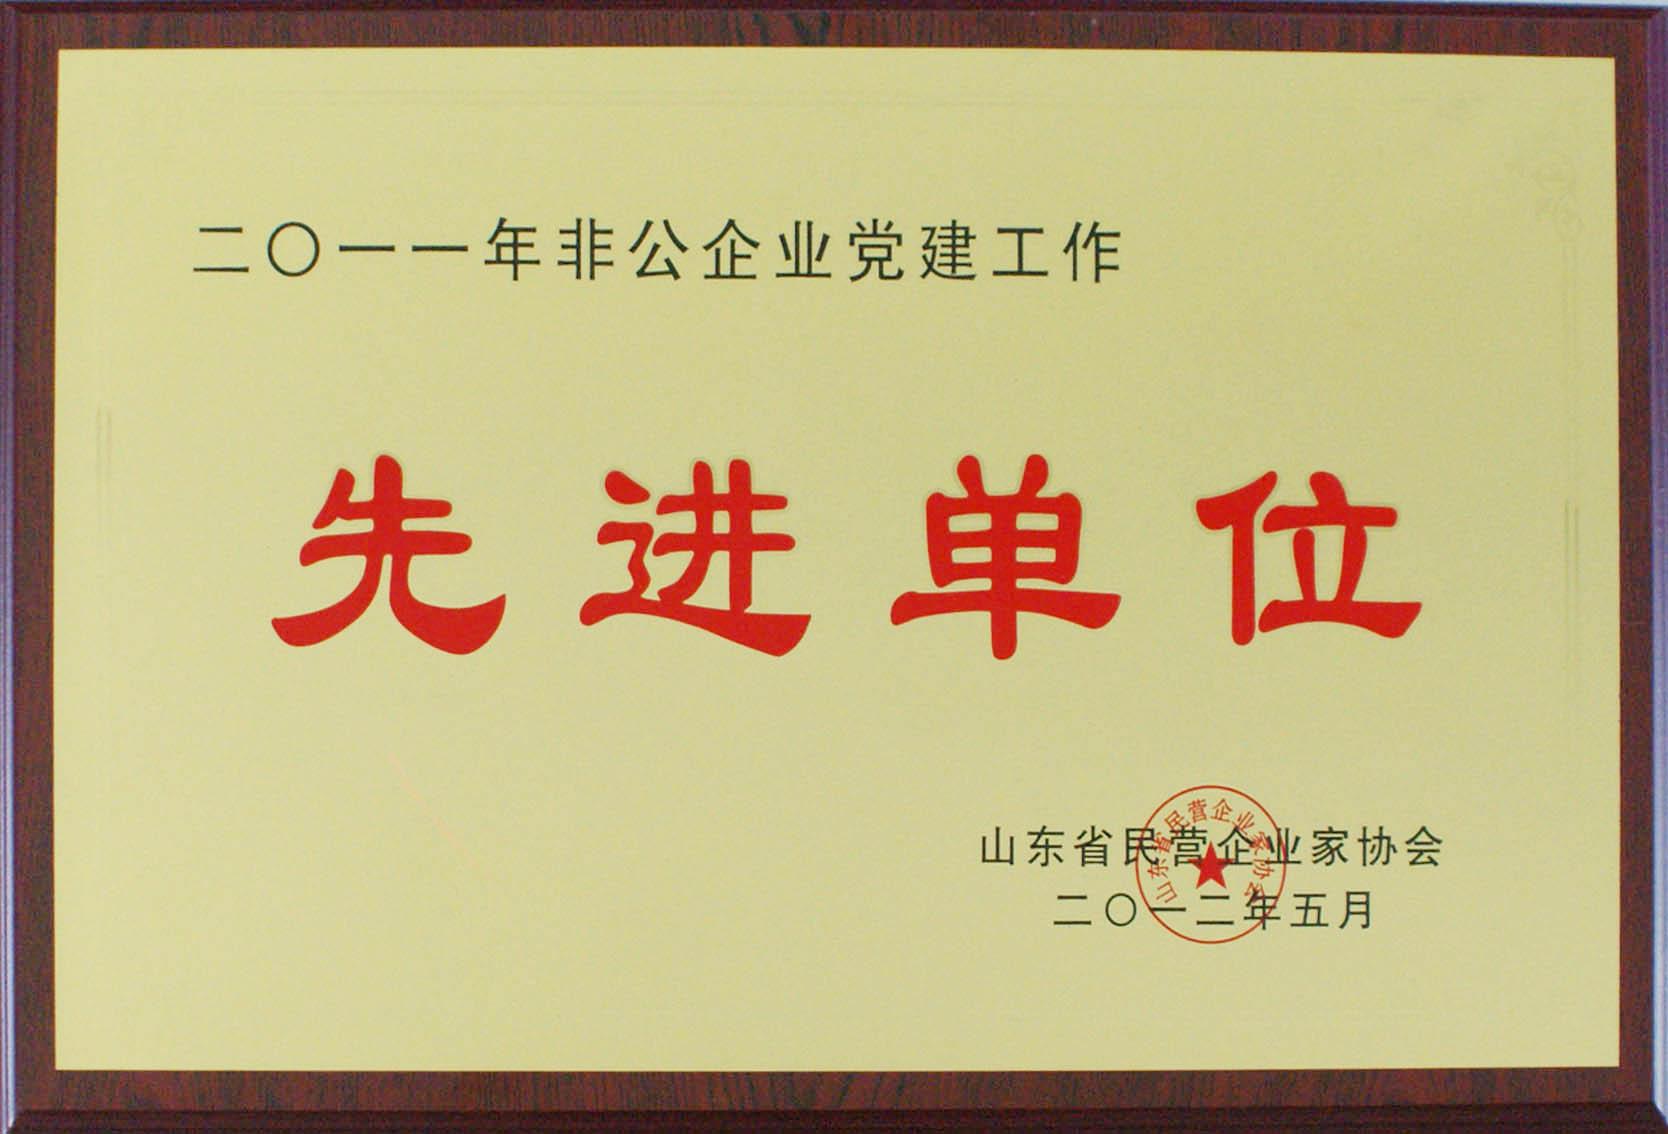 """公司被评为""""2011年非公企业党建工作先进单位"""""""